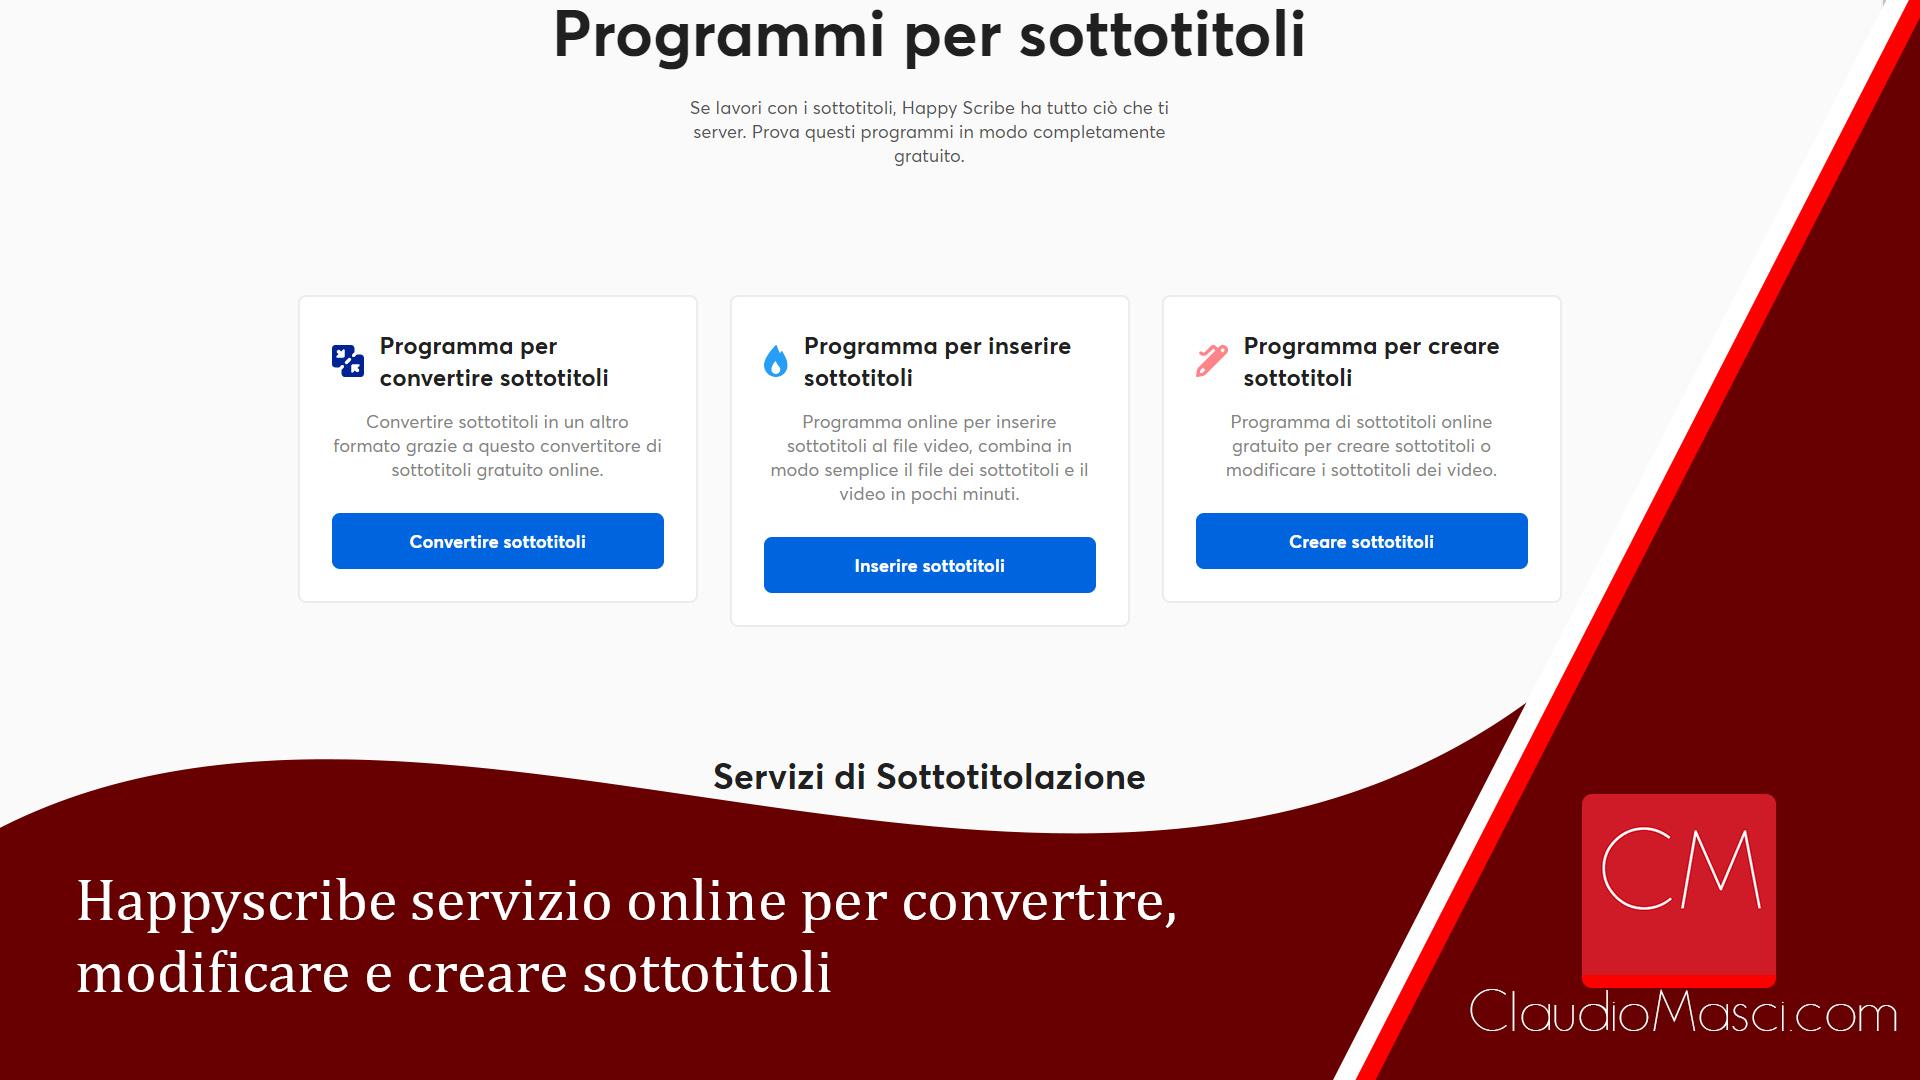 Happyscribe servizio online per convertire, modificare e creare sottotitoli